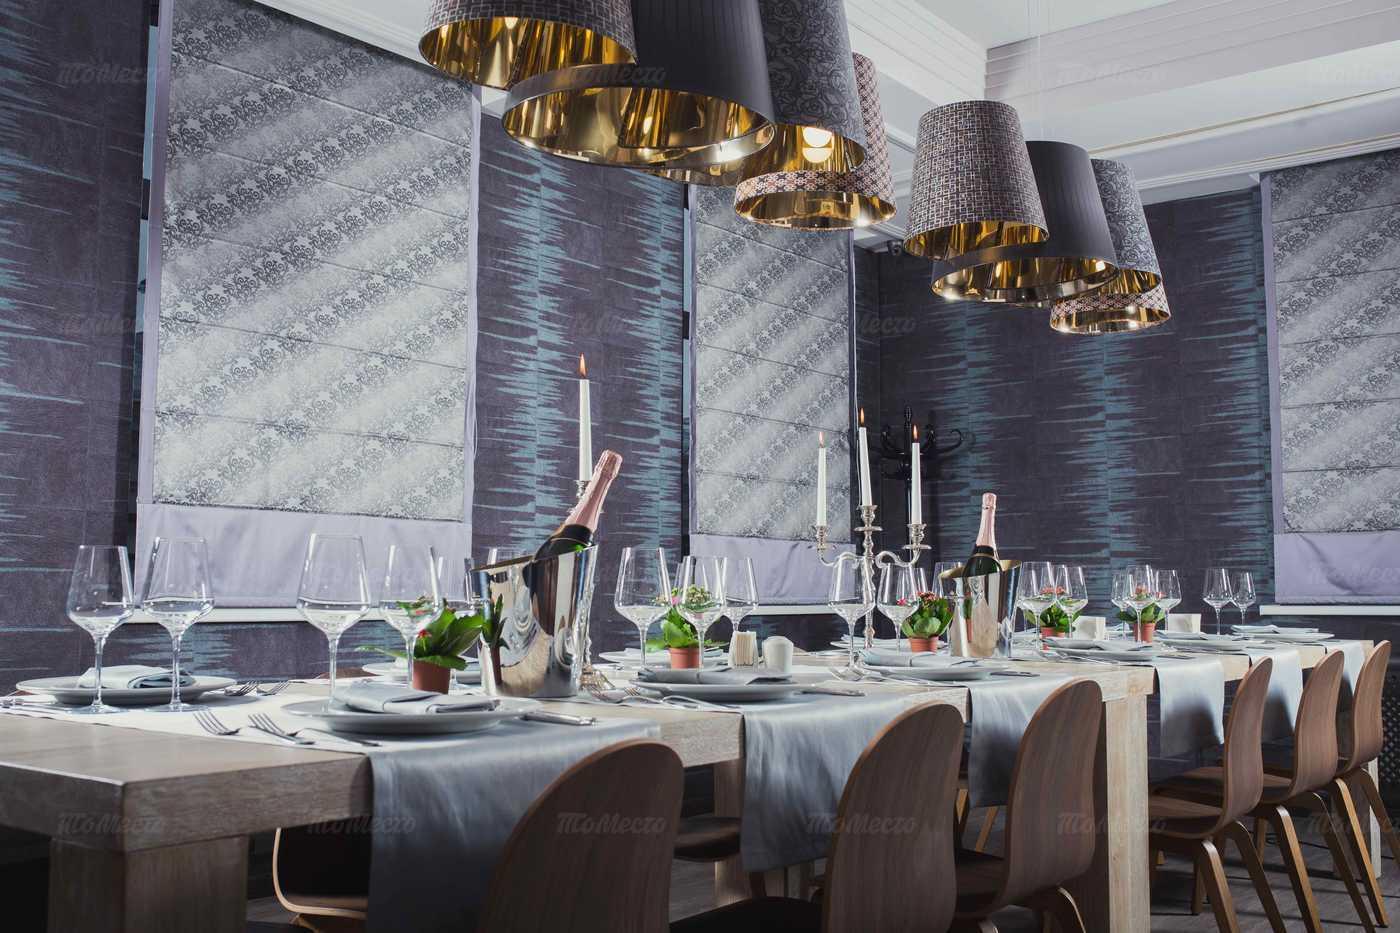 Ресторан матрешка в омске фото